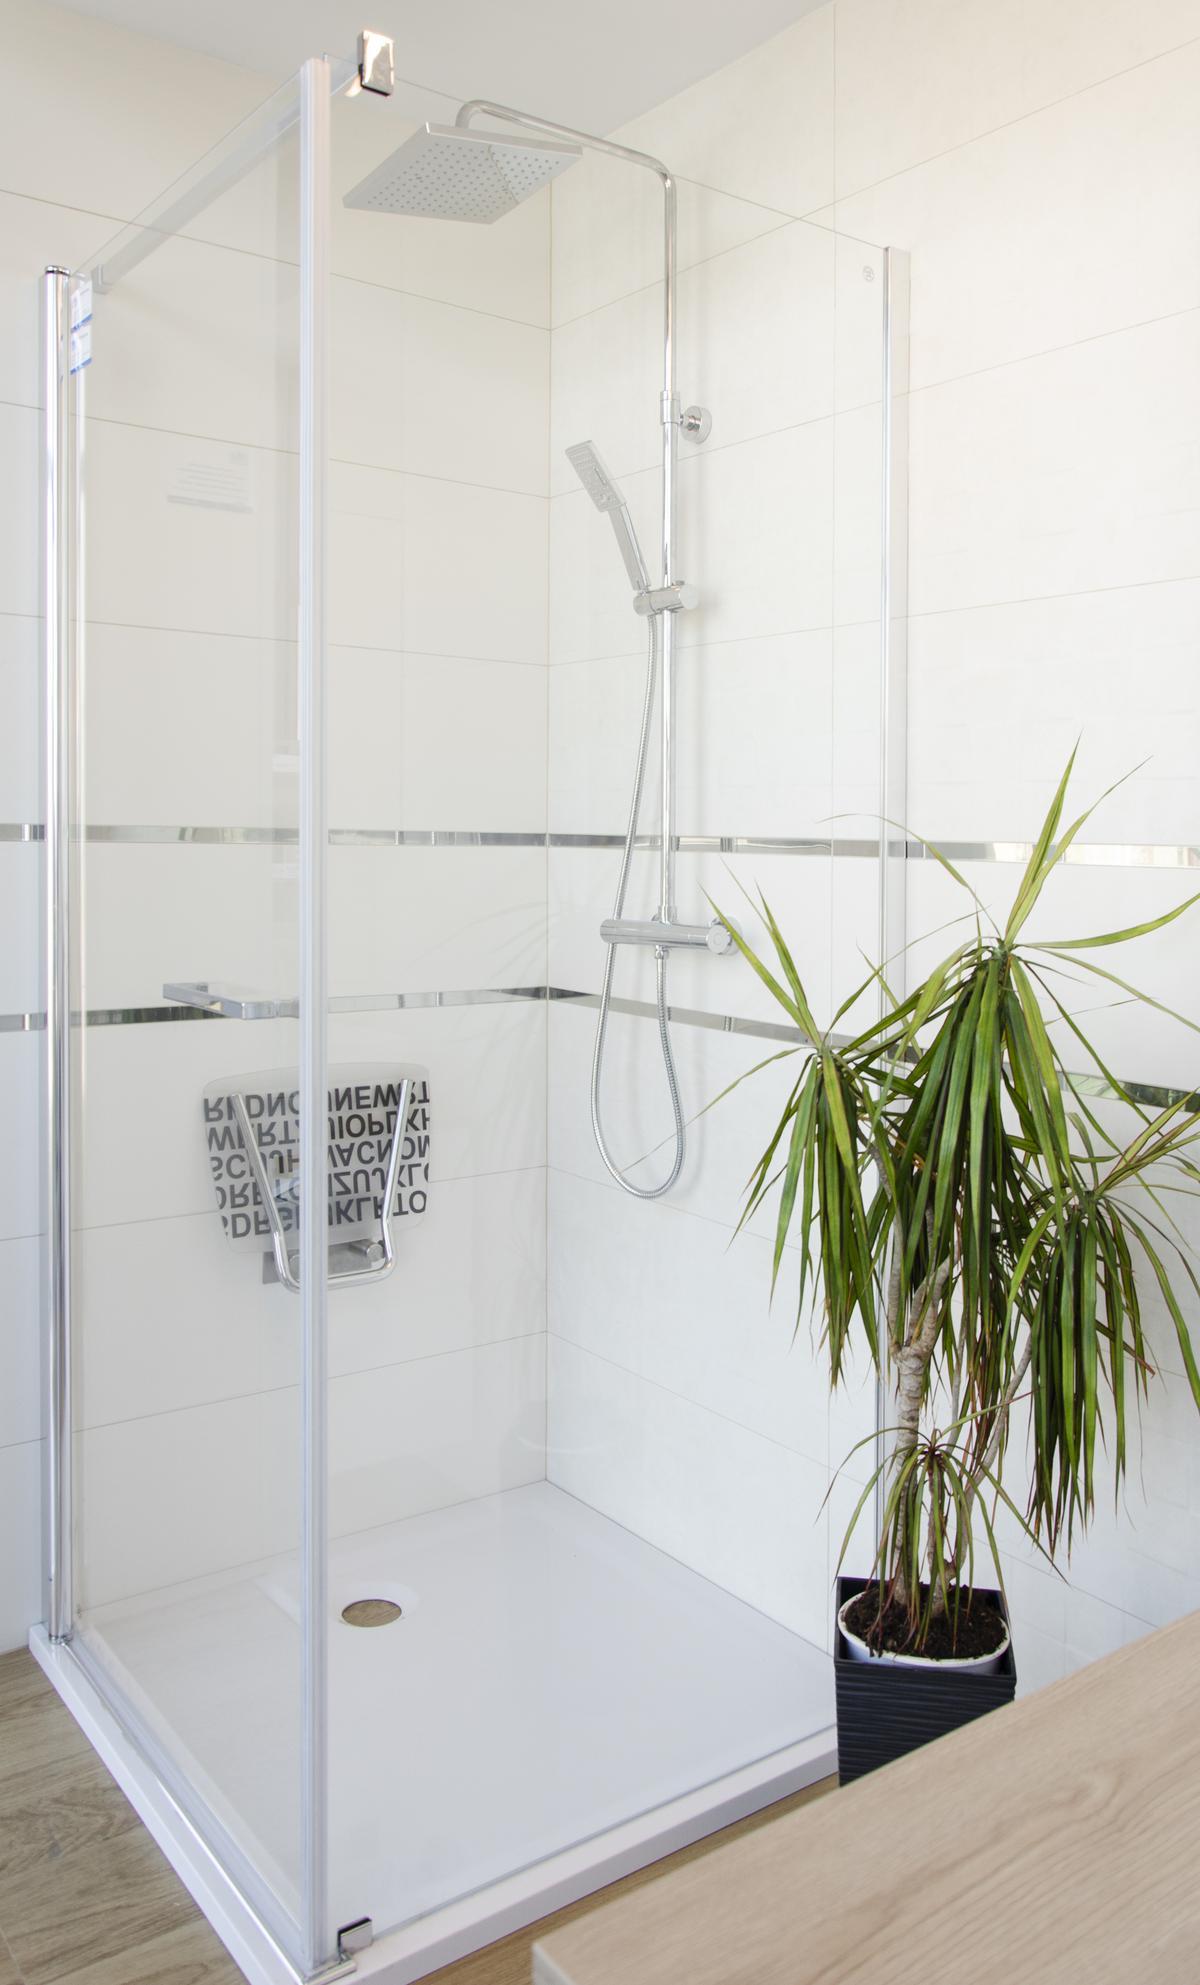 Jasna, minimalistyczna kabina prysznicowa ze srebrnymi elementami - zdjęcie od BLU salon łazienek Pułtusk